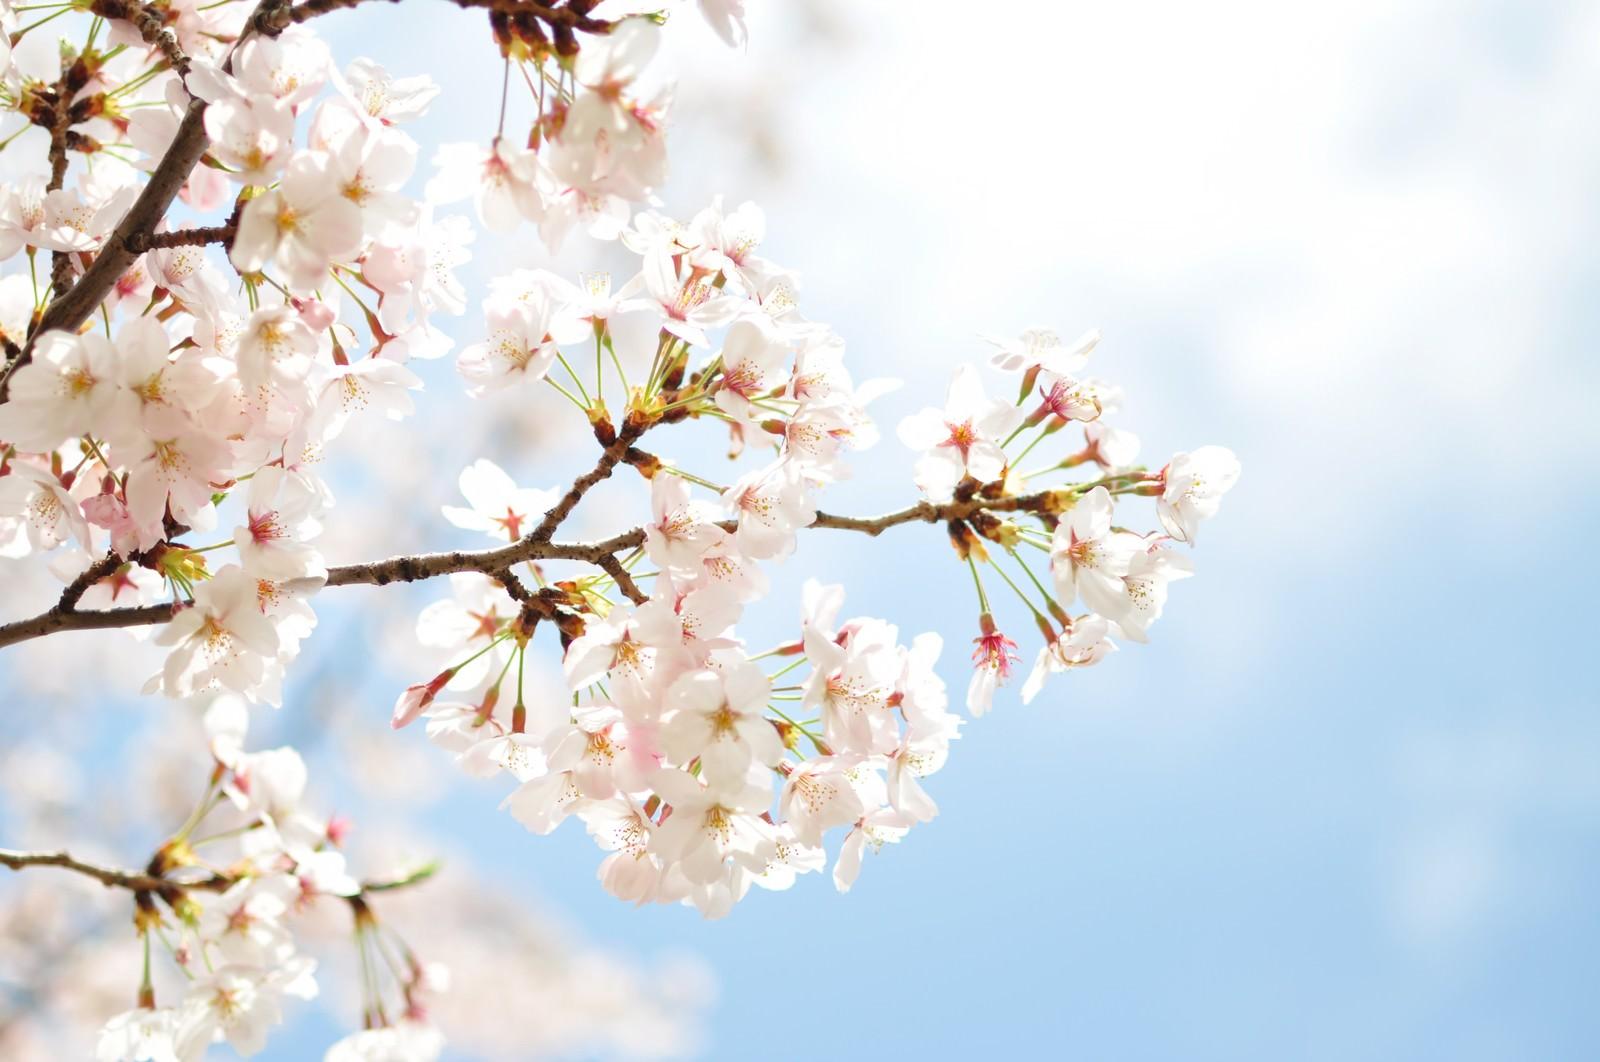 「淡い桜と青空」の写真